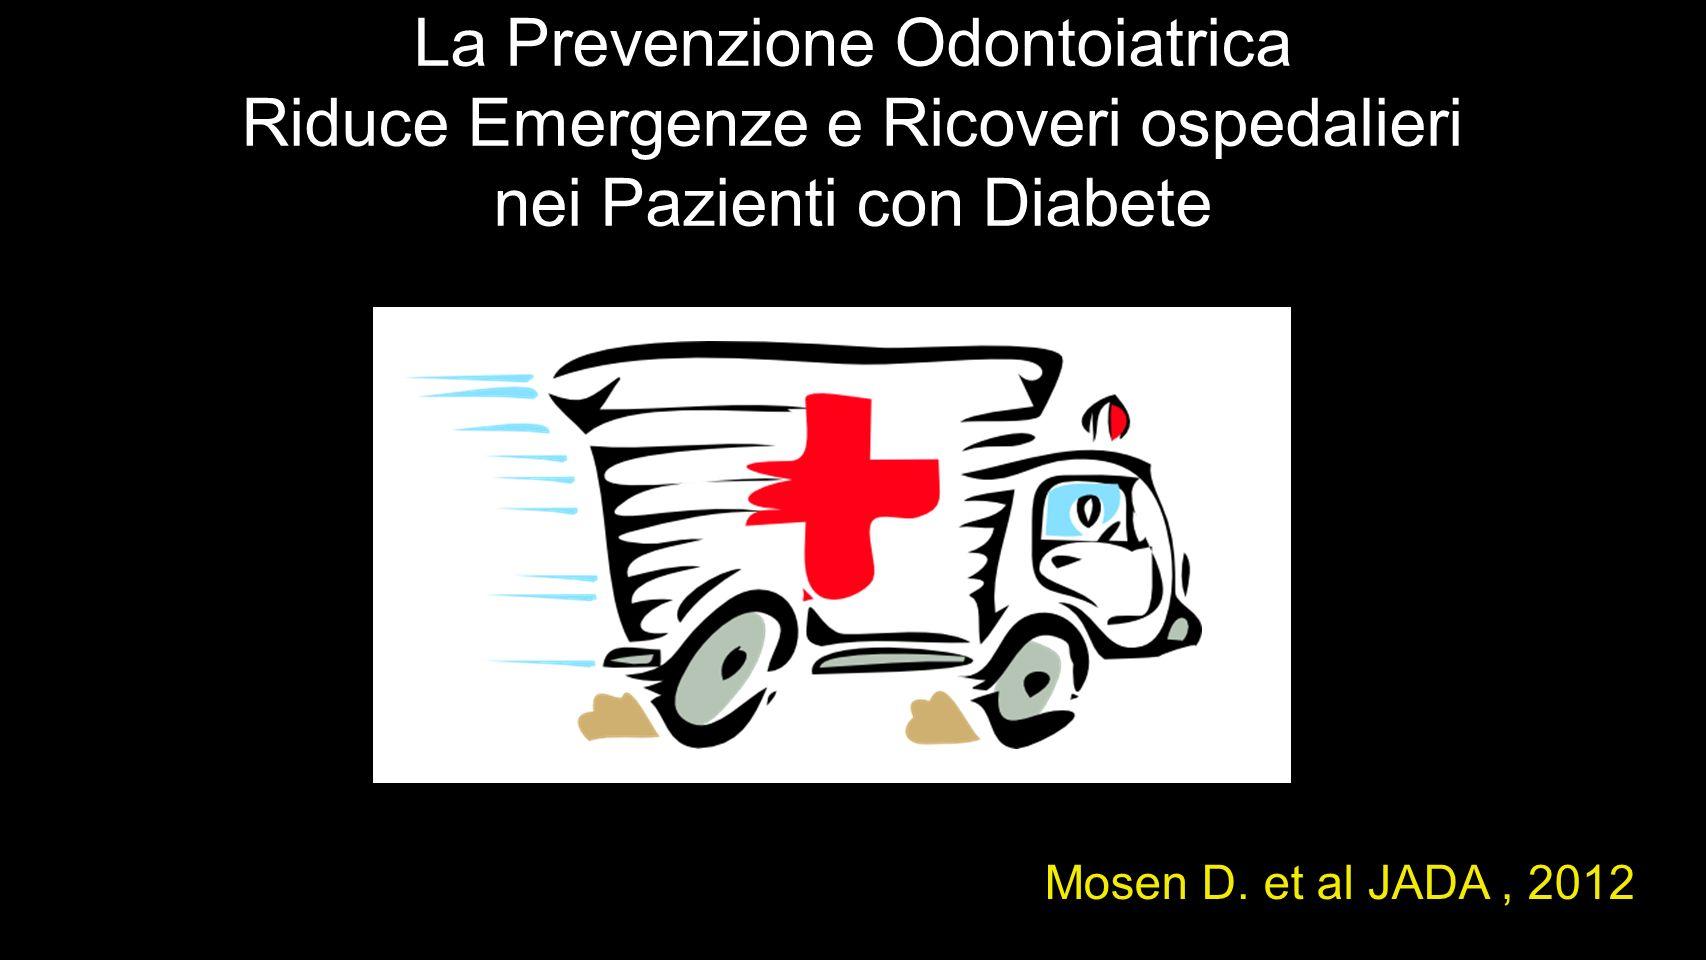 La Prevenzione Odontoiatrica Riduce Emergenze e Ricoveri ospedalieri nei Pazienti con Diabete Mosen D. et al JADA, 2012